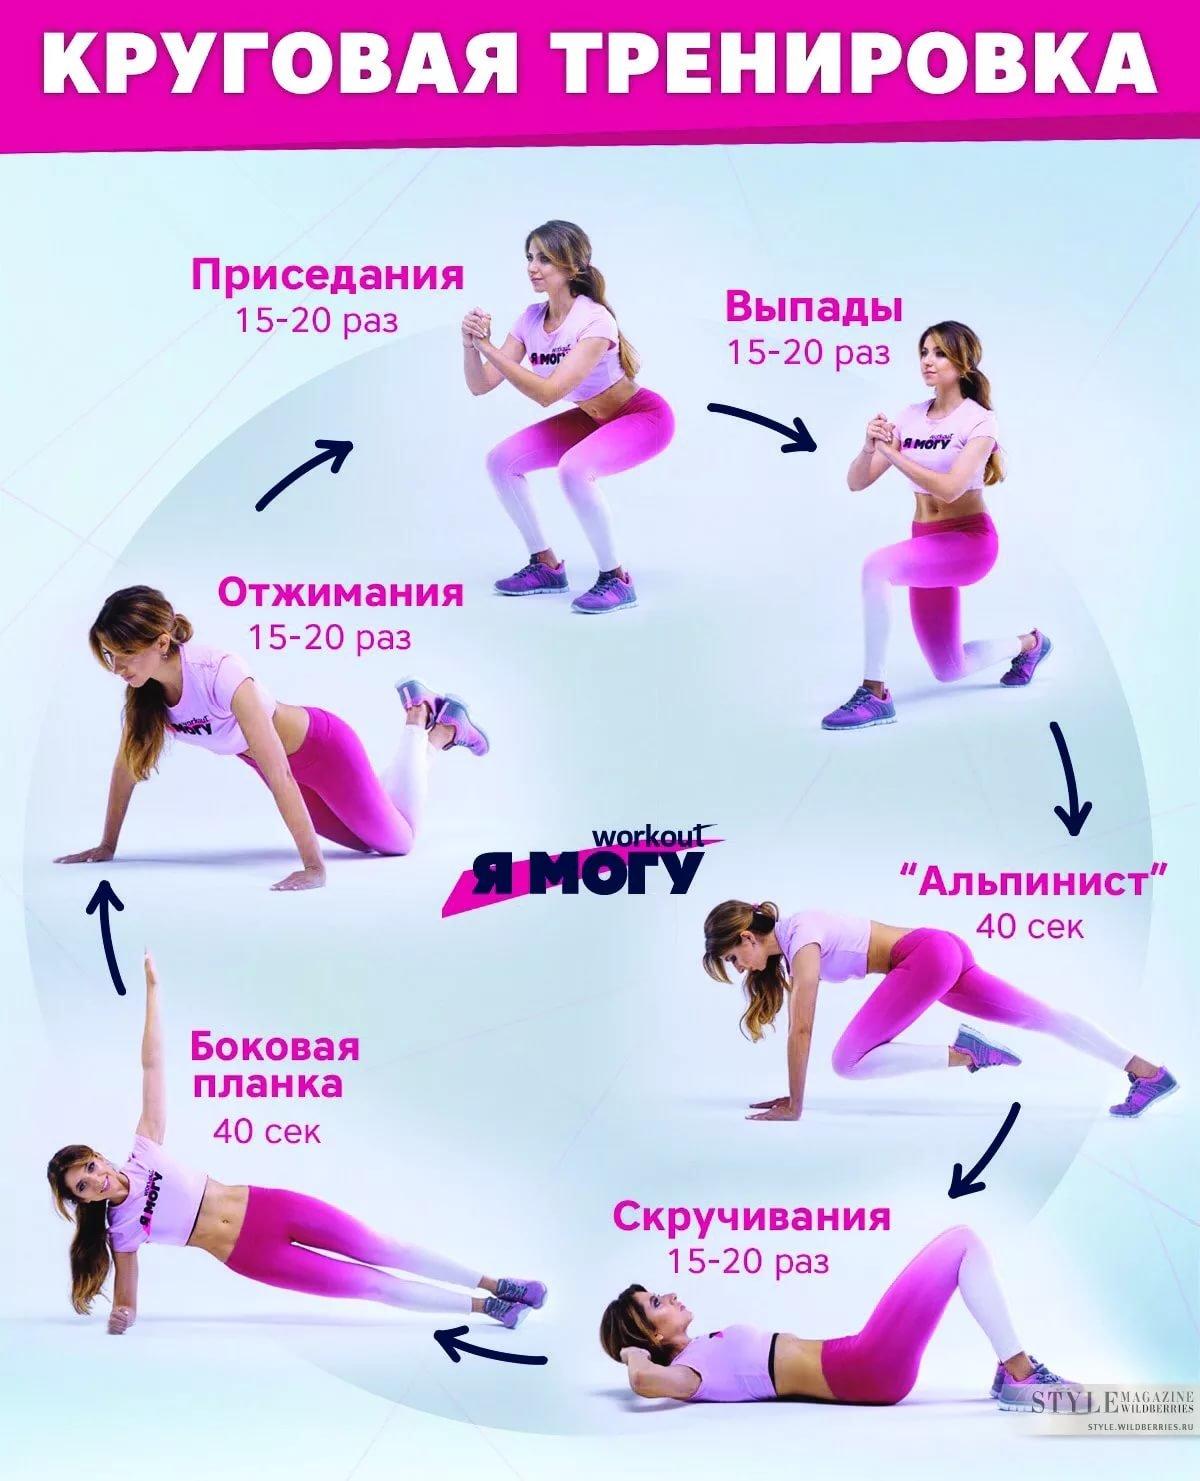 Мощные Тренировки Для Похудения. Эффективные тренировки для похудения